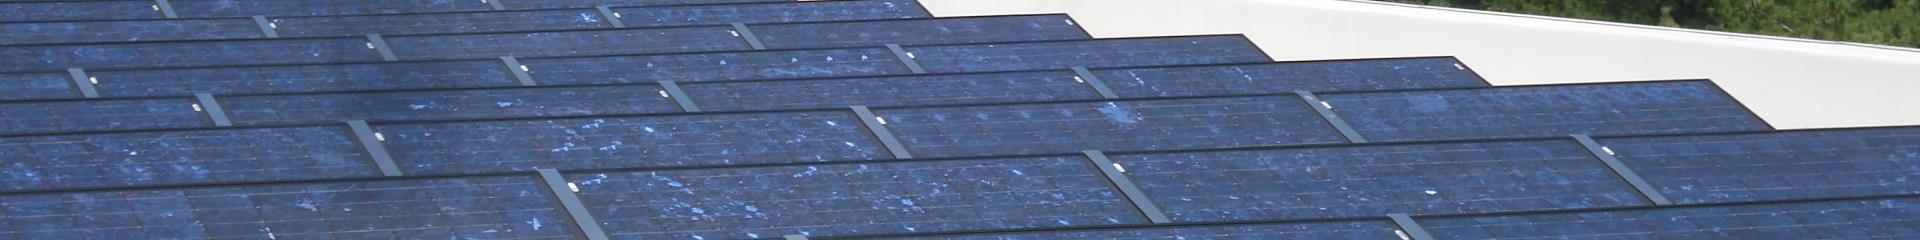 Solar Array on Roof